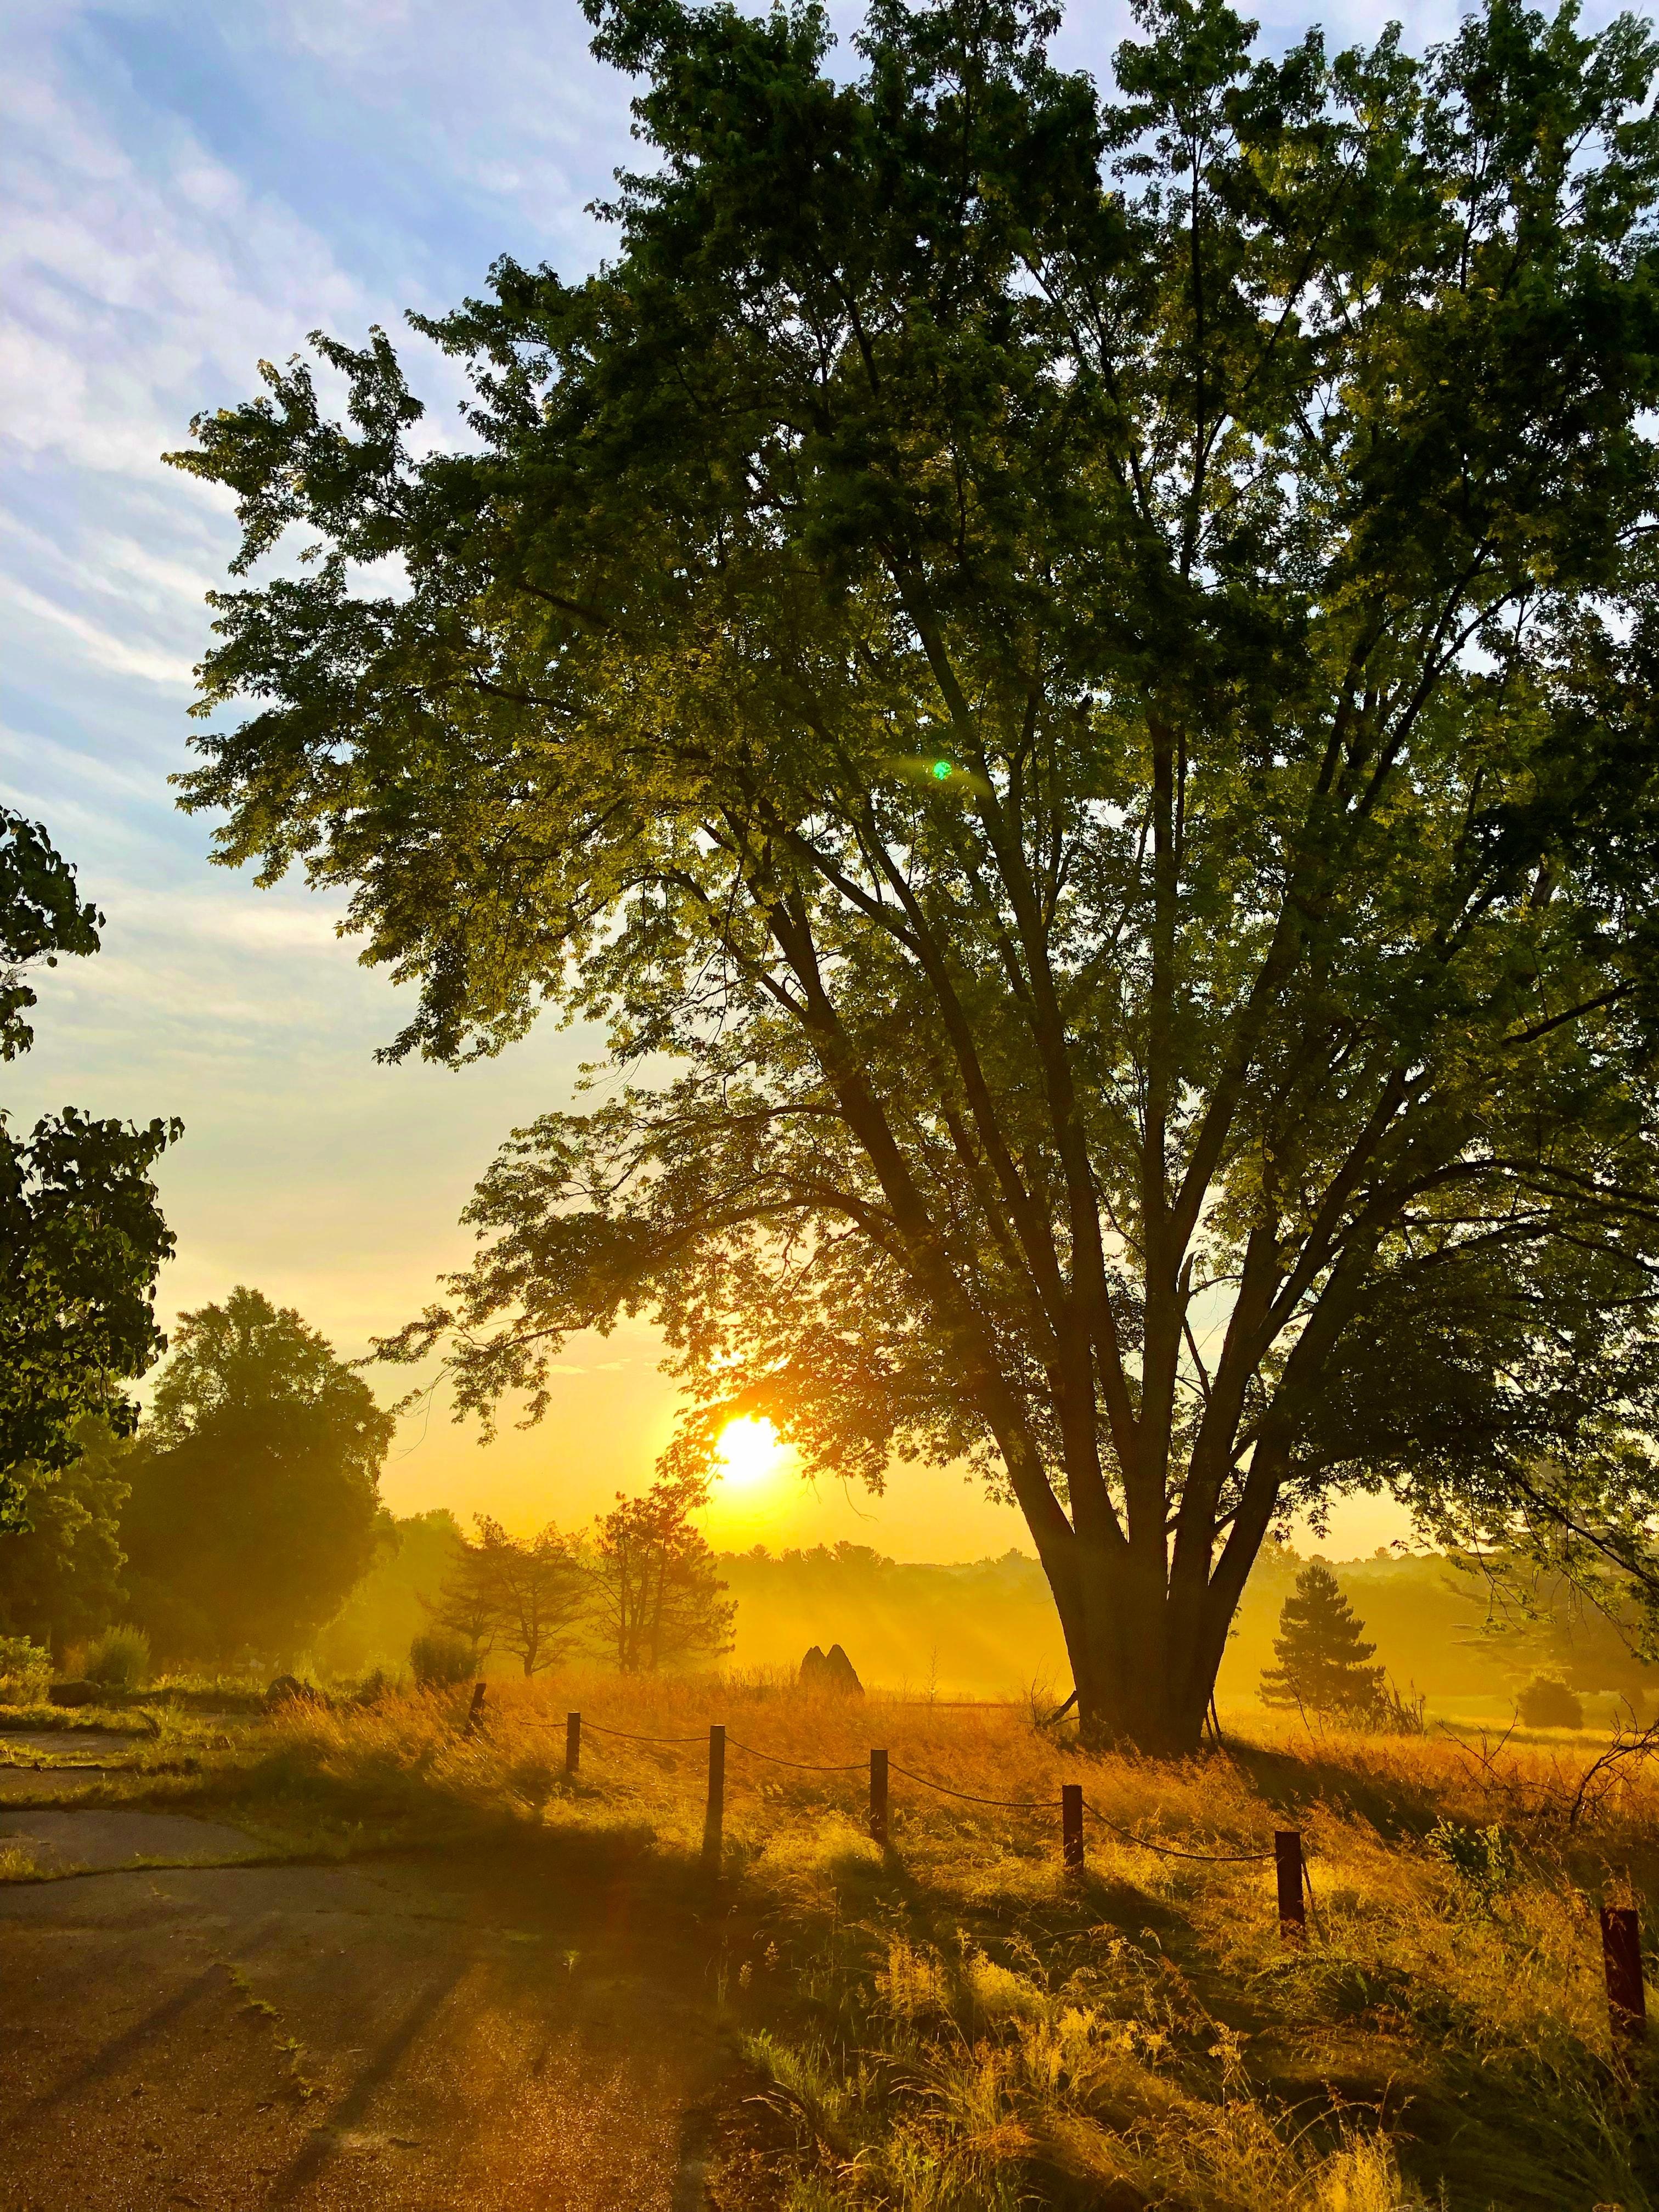 68853 Hintergrundbild herunterladen Pflanzen, Natur, Sun, Holz, Balken, Strahlen, Baum - Bildschirmschoner und Bilder kostenlos